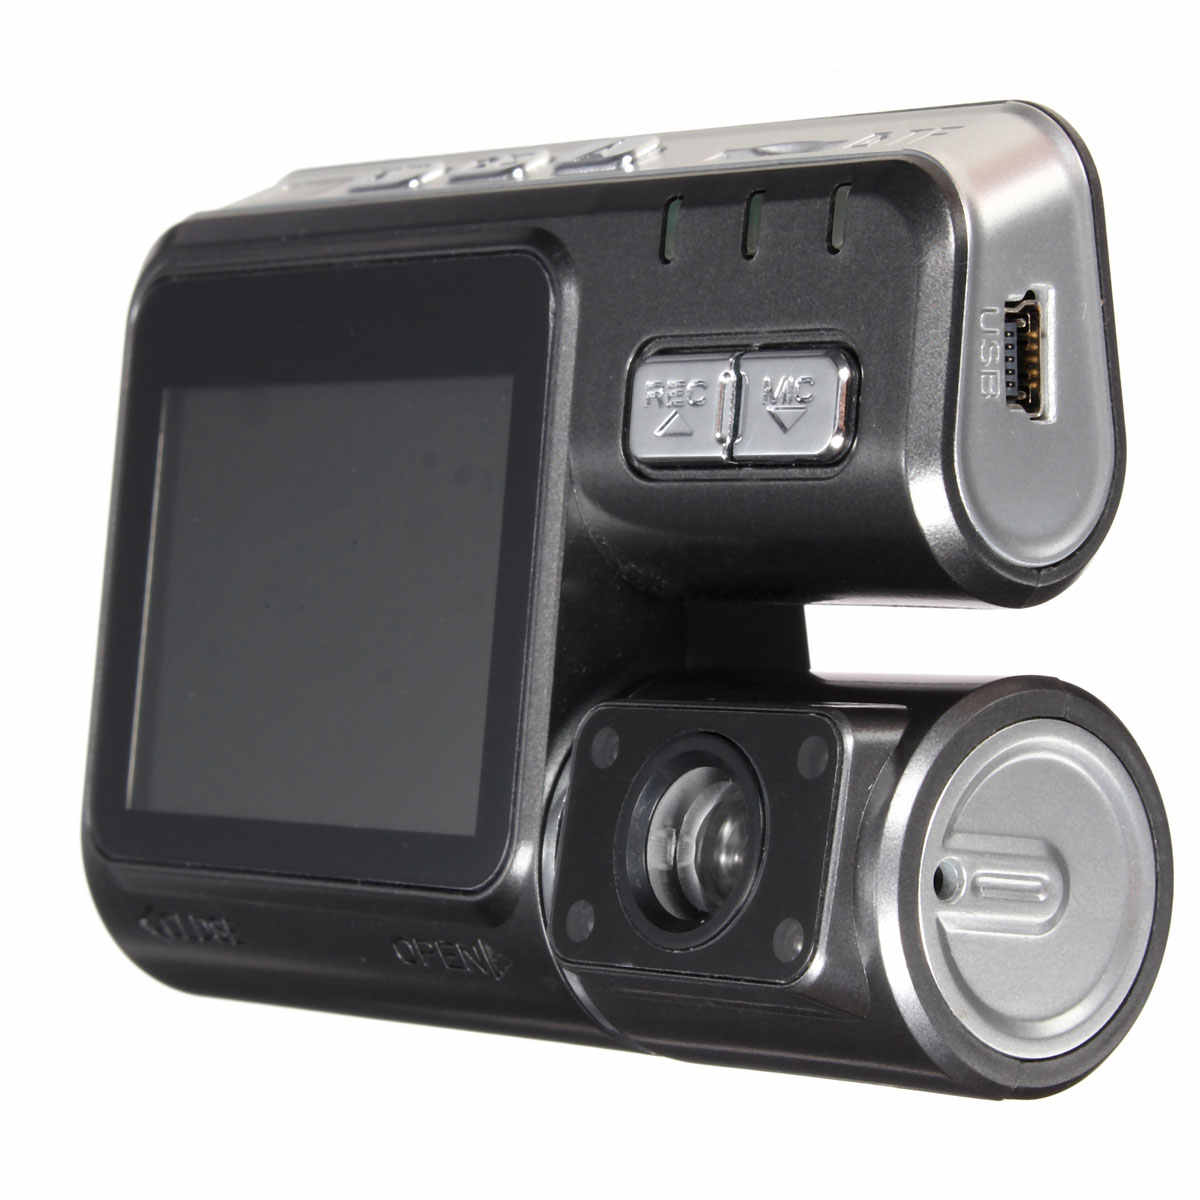 2,0 дюймов HD TFT 120 градусов HD автомобиль DVR камера видеорегистратор фронтальный рекордер камера ночного видения g-сенсор до 32 Гб